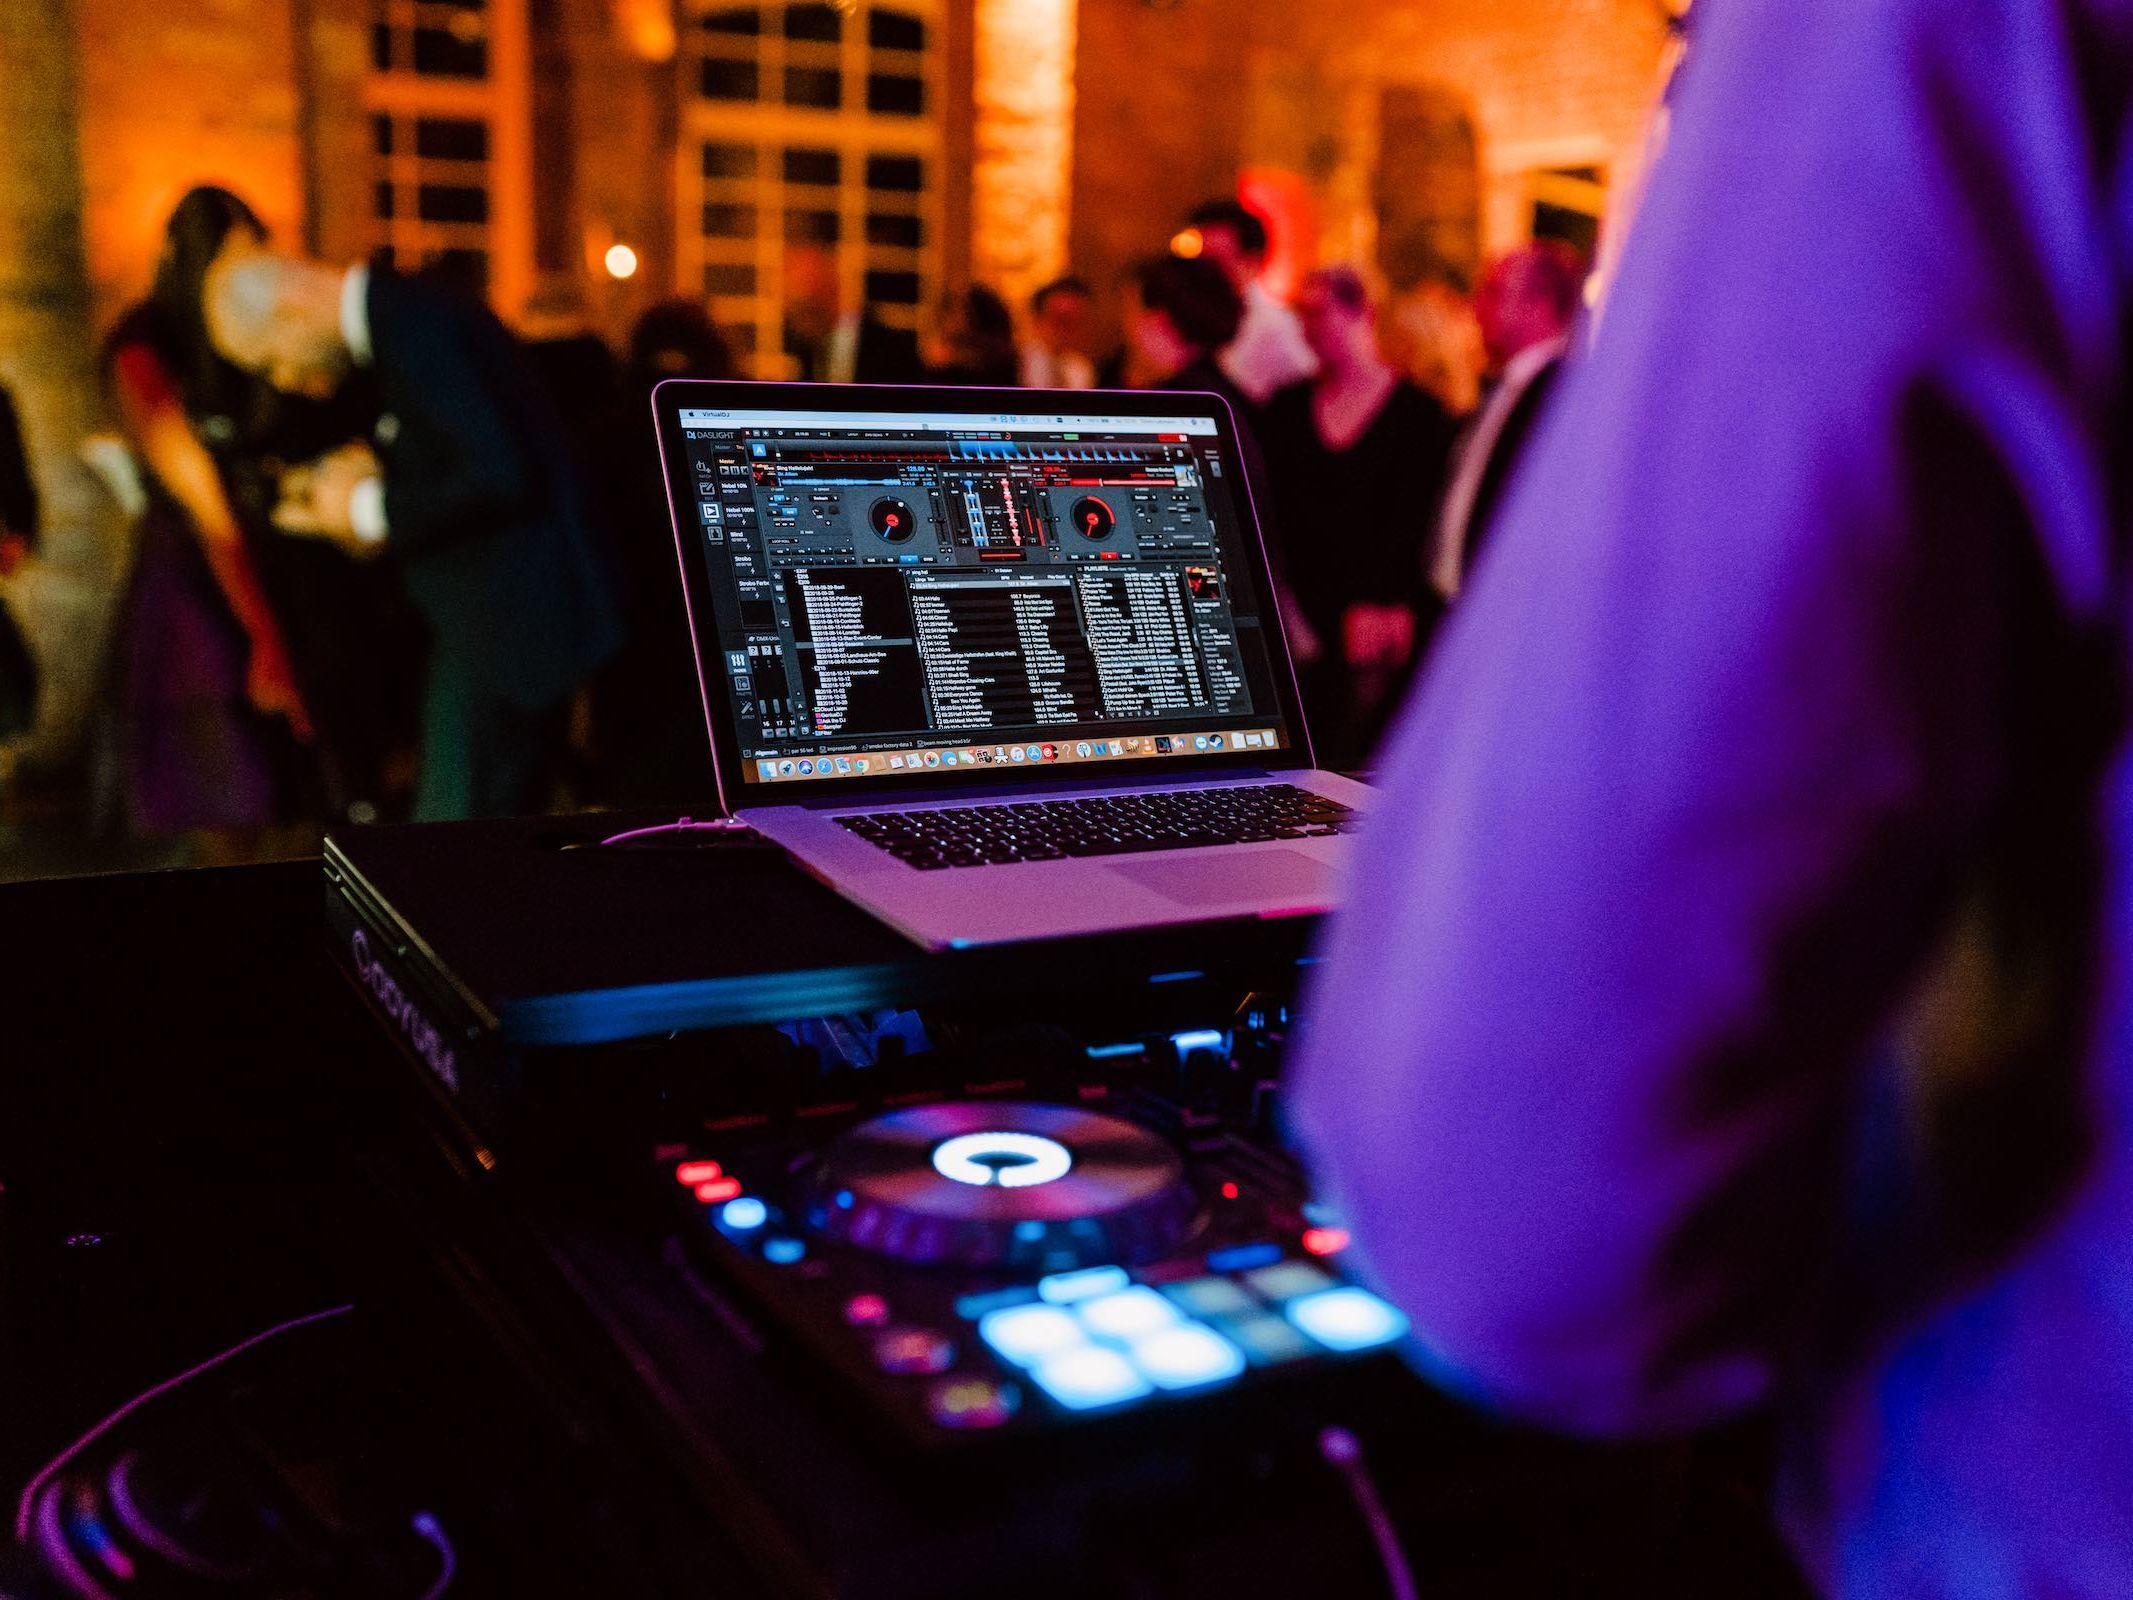 Burg | Königsworth | Roneburg | Hannover | Hochzeit | Geburtstag | Firmenfeier | Event | Locations | DJ | Hochzeit | DJ | Geburtstag | Hochzeitsplanung | Hochzeitsplaner | Referenz | Lehmann | Eventservice